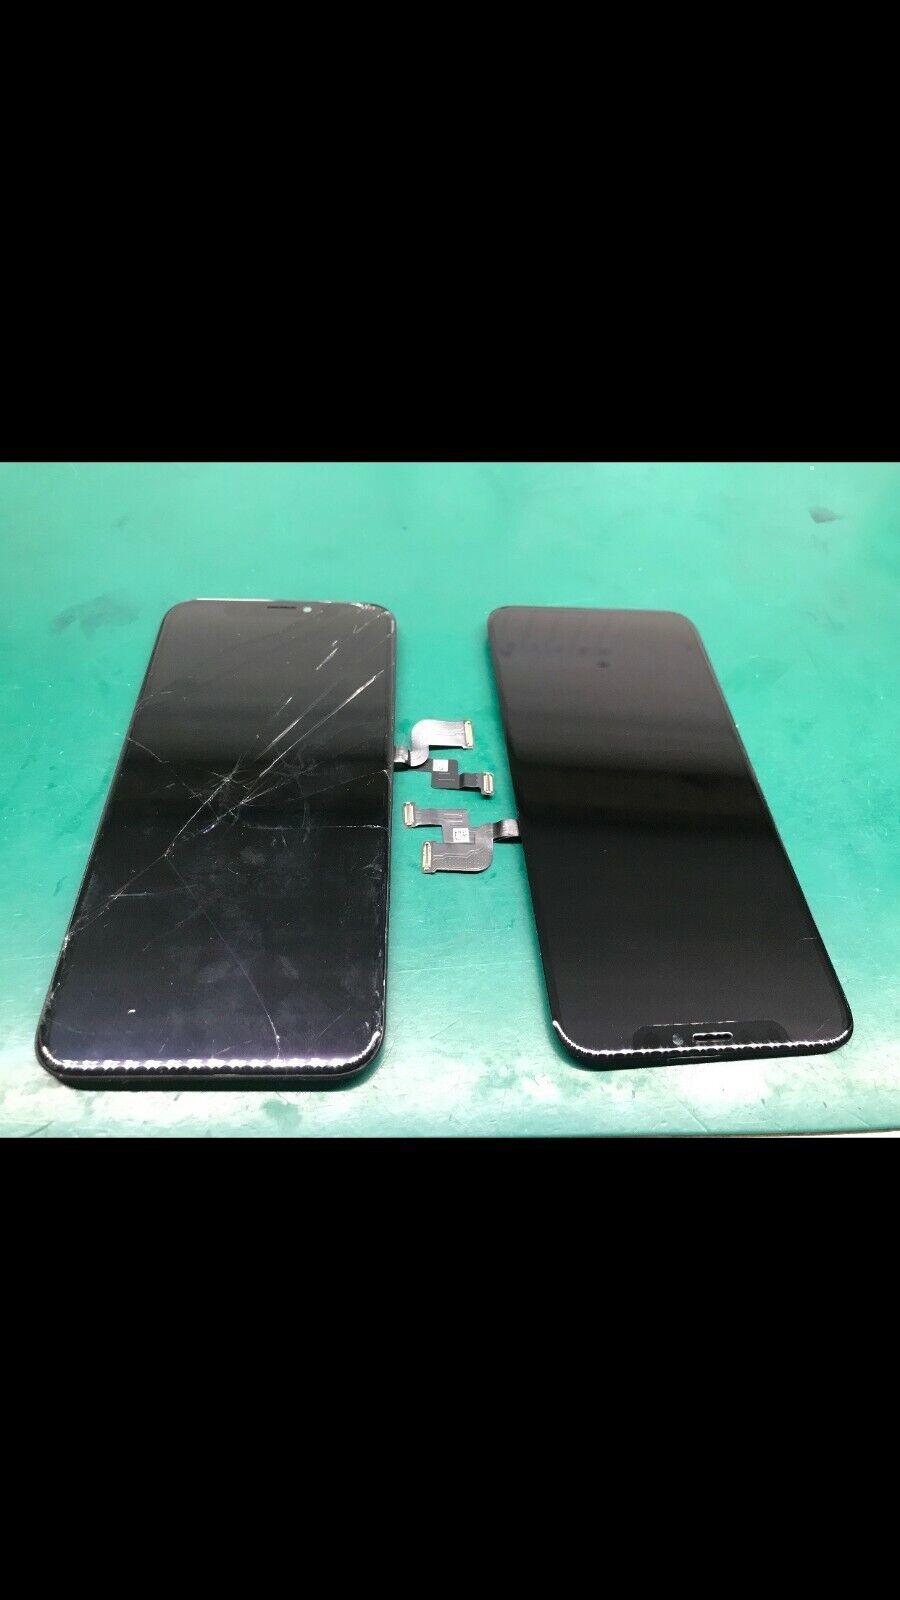 IPhone X Cracked Glass Screen Repair Refurbish Service OEM - $249.99